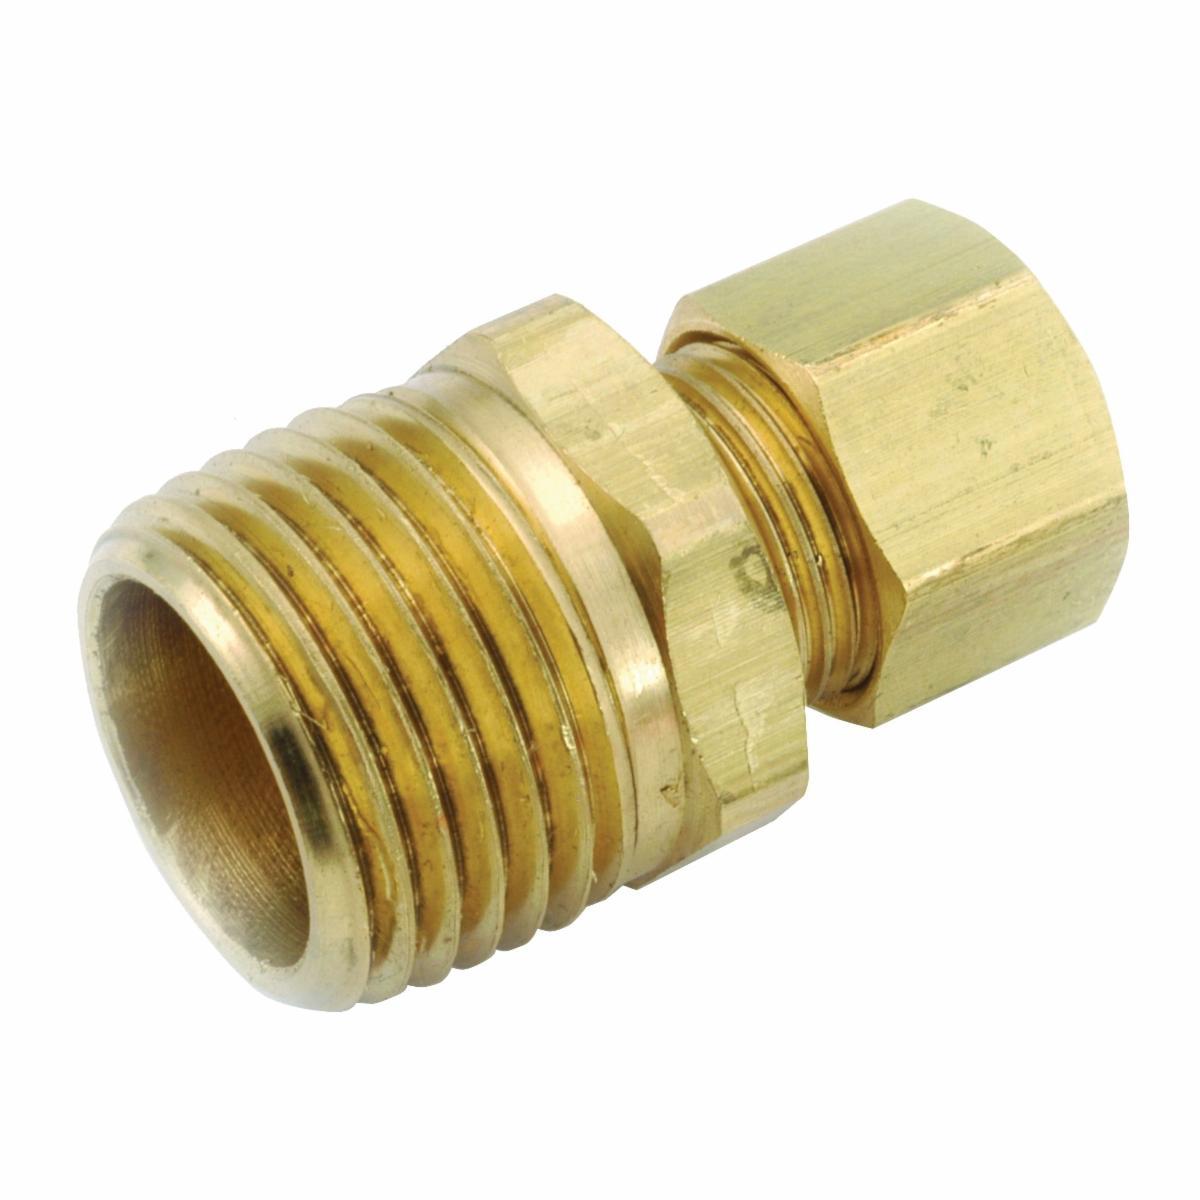 Anderson Metals 750068-0506